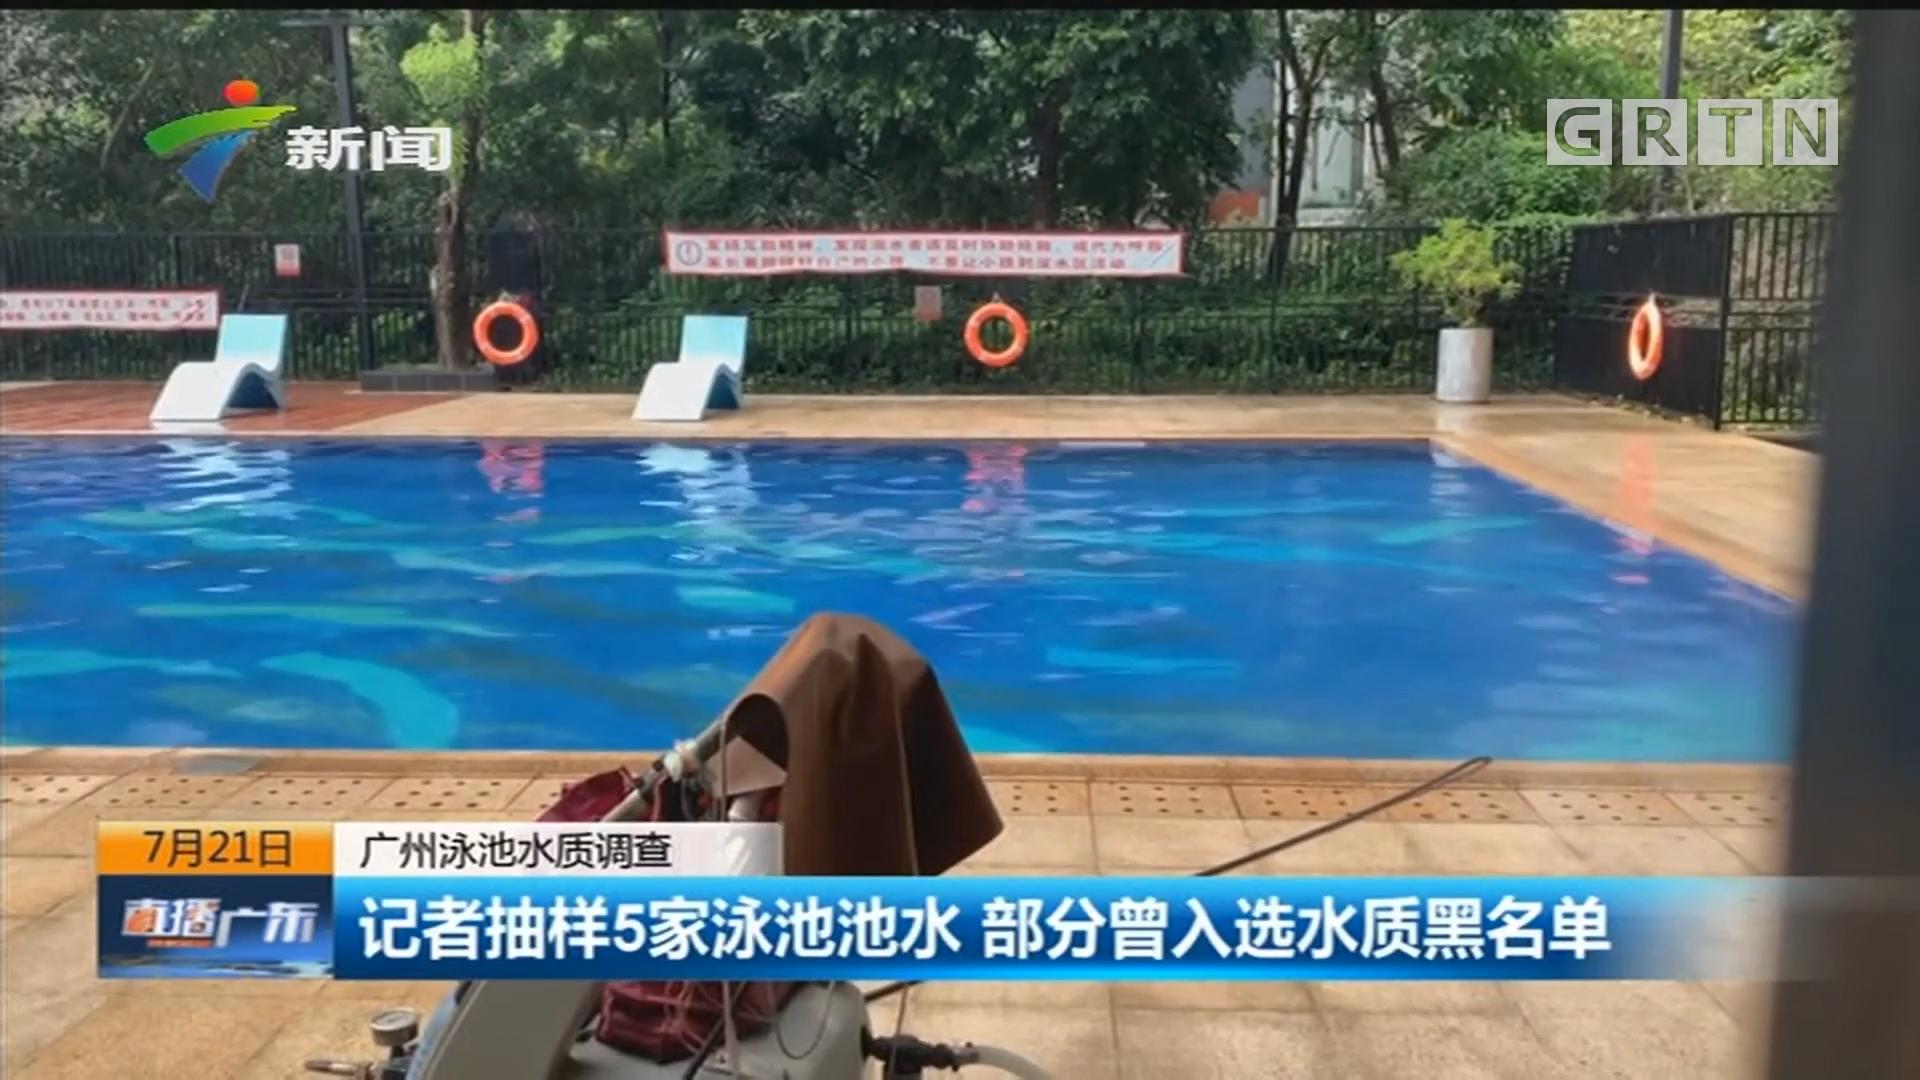 广州泳池水质调查:记者抽样5家泳池池水 部分曾入选水质黑名单